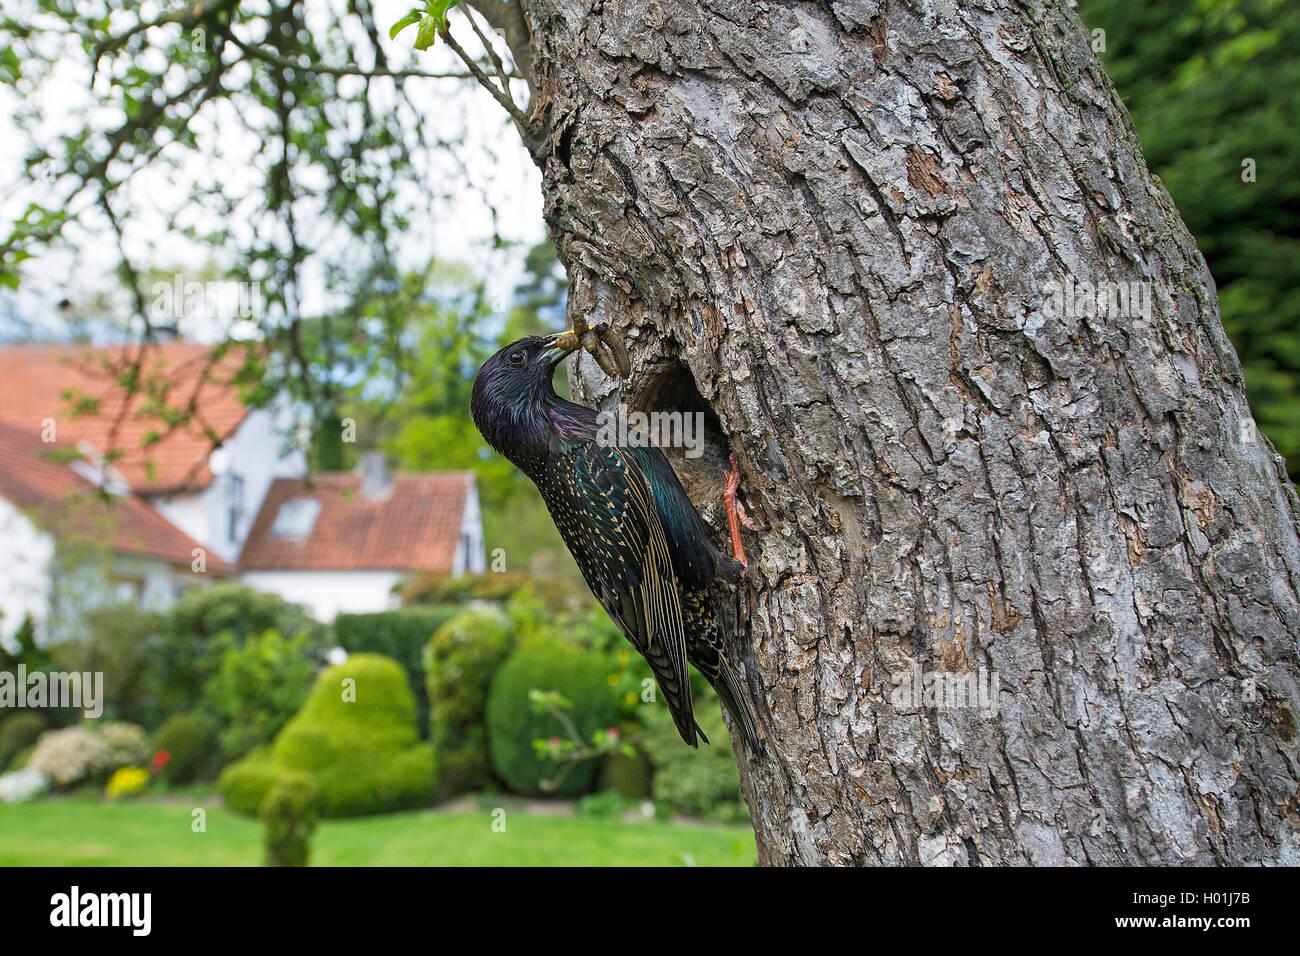 Star (Sturnus vulgaris), an seiner Bruthoehle mit Futter im Schnabel, Deutschland, NRW | common starling (Sturnus - Stock Image